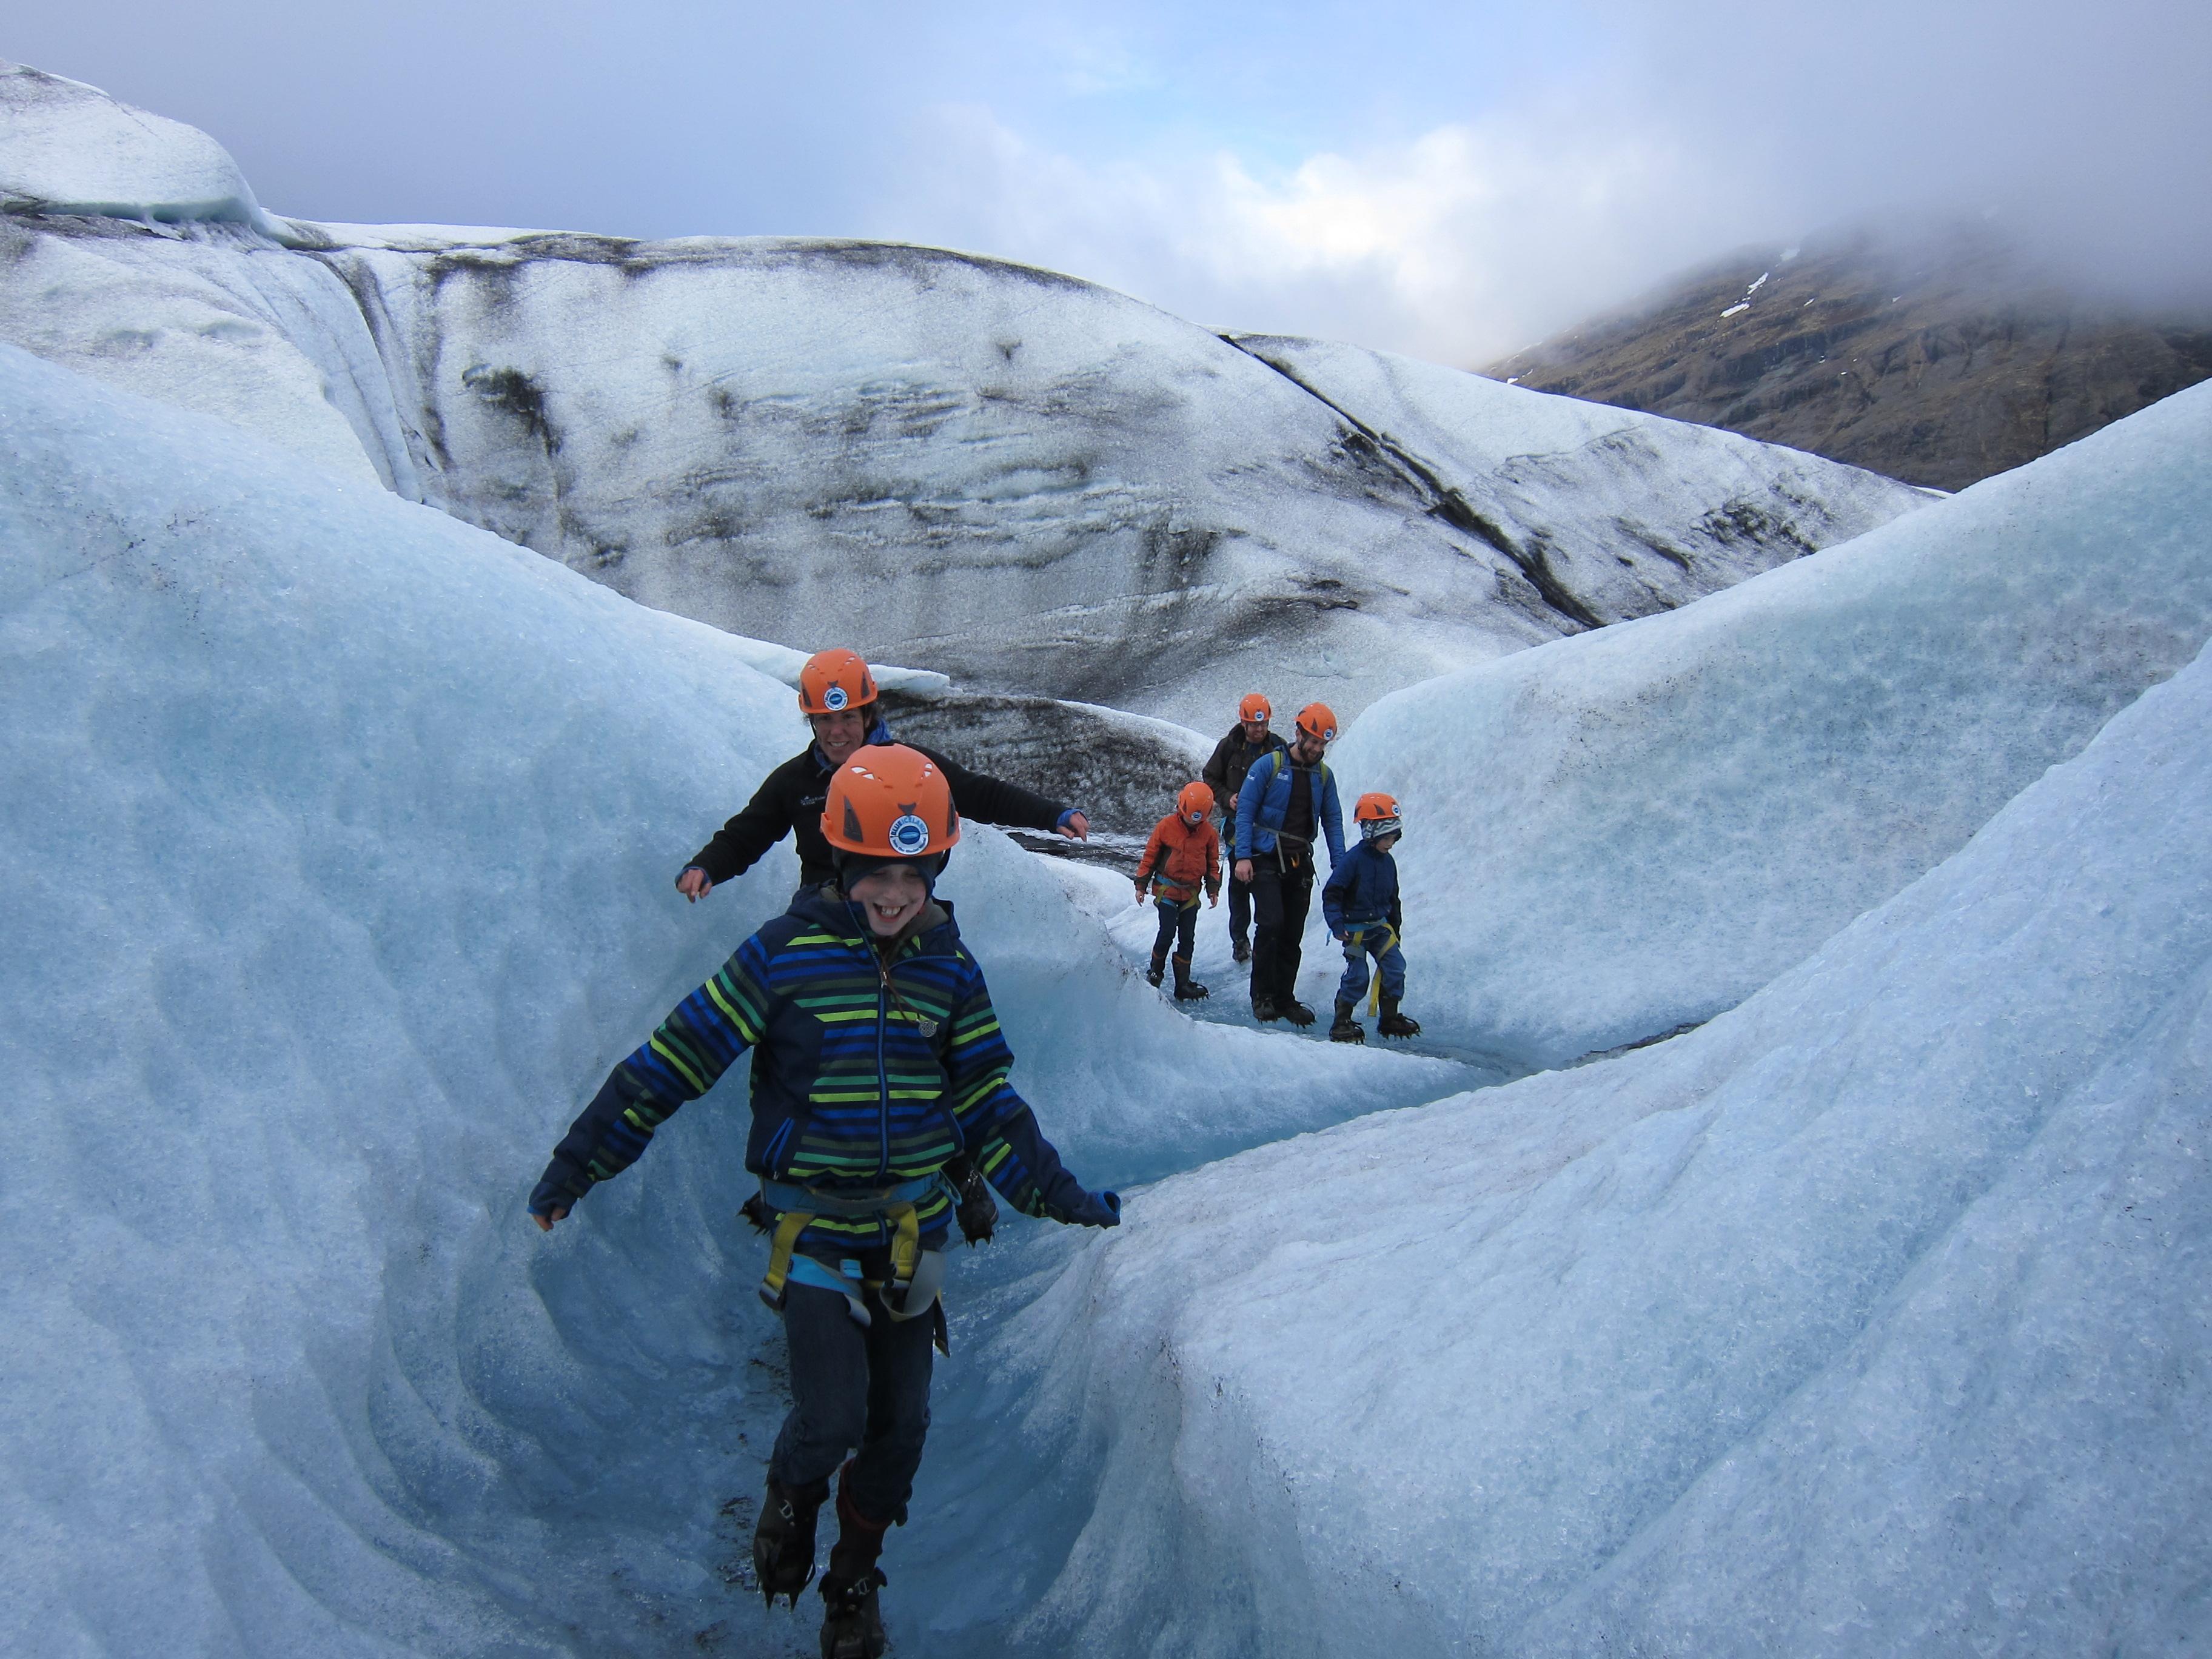 Una caminata por el glaciar es una diversión para toda la familia.